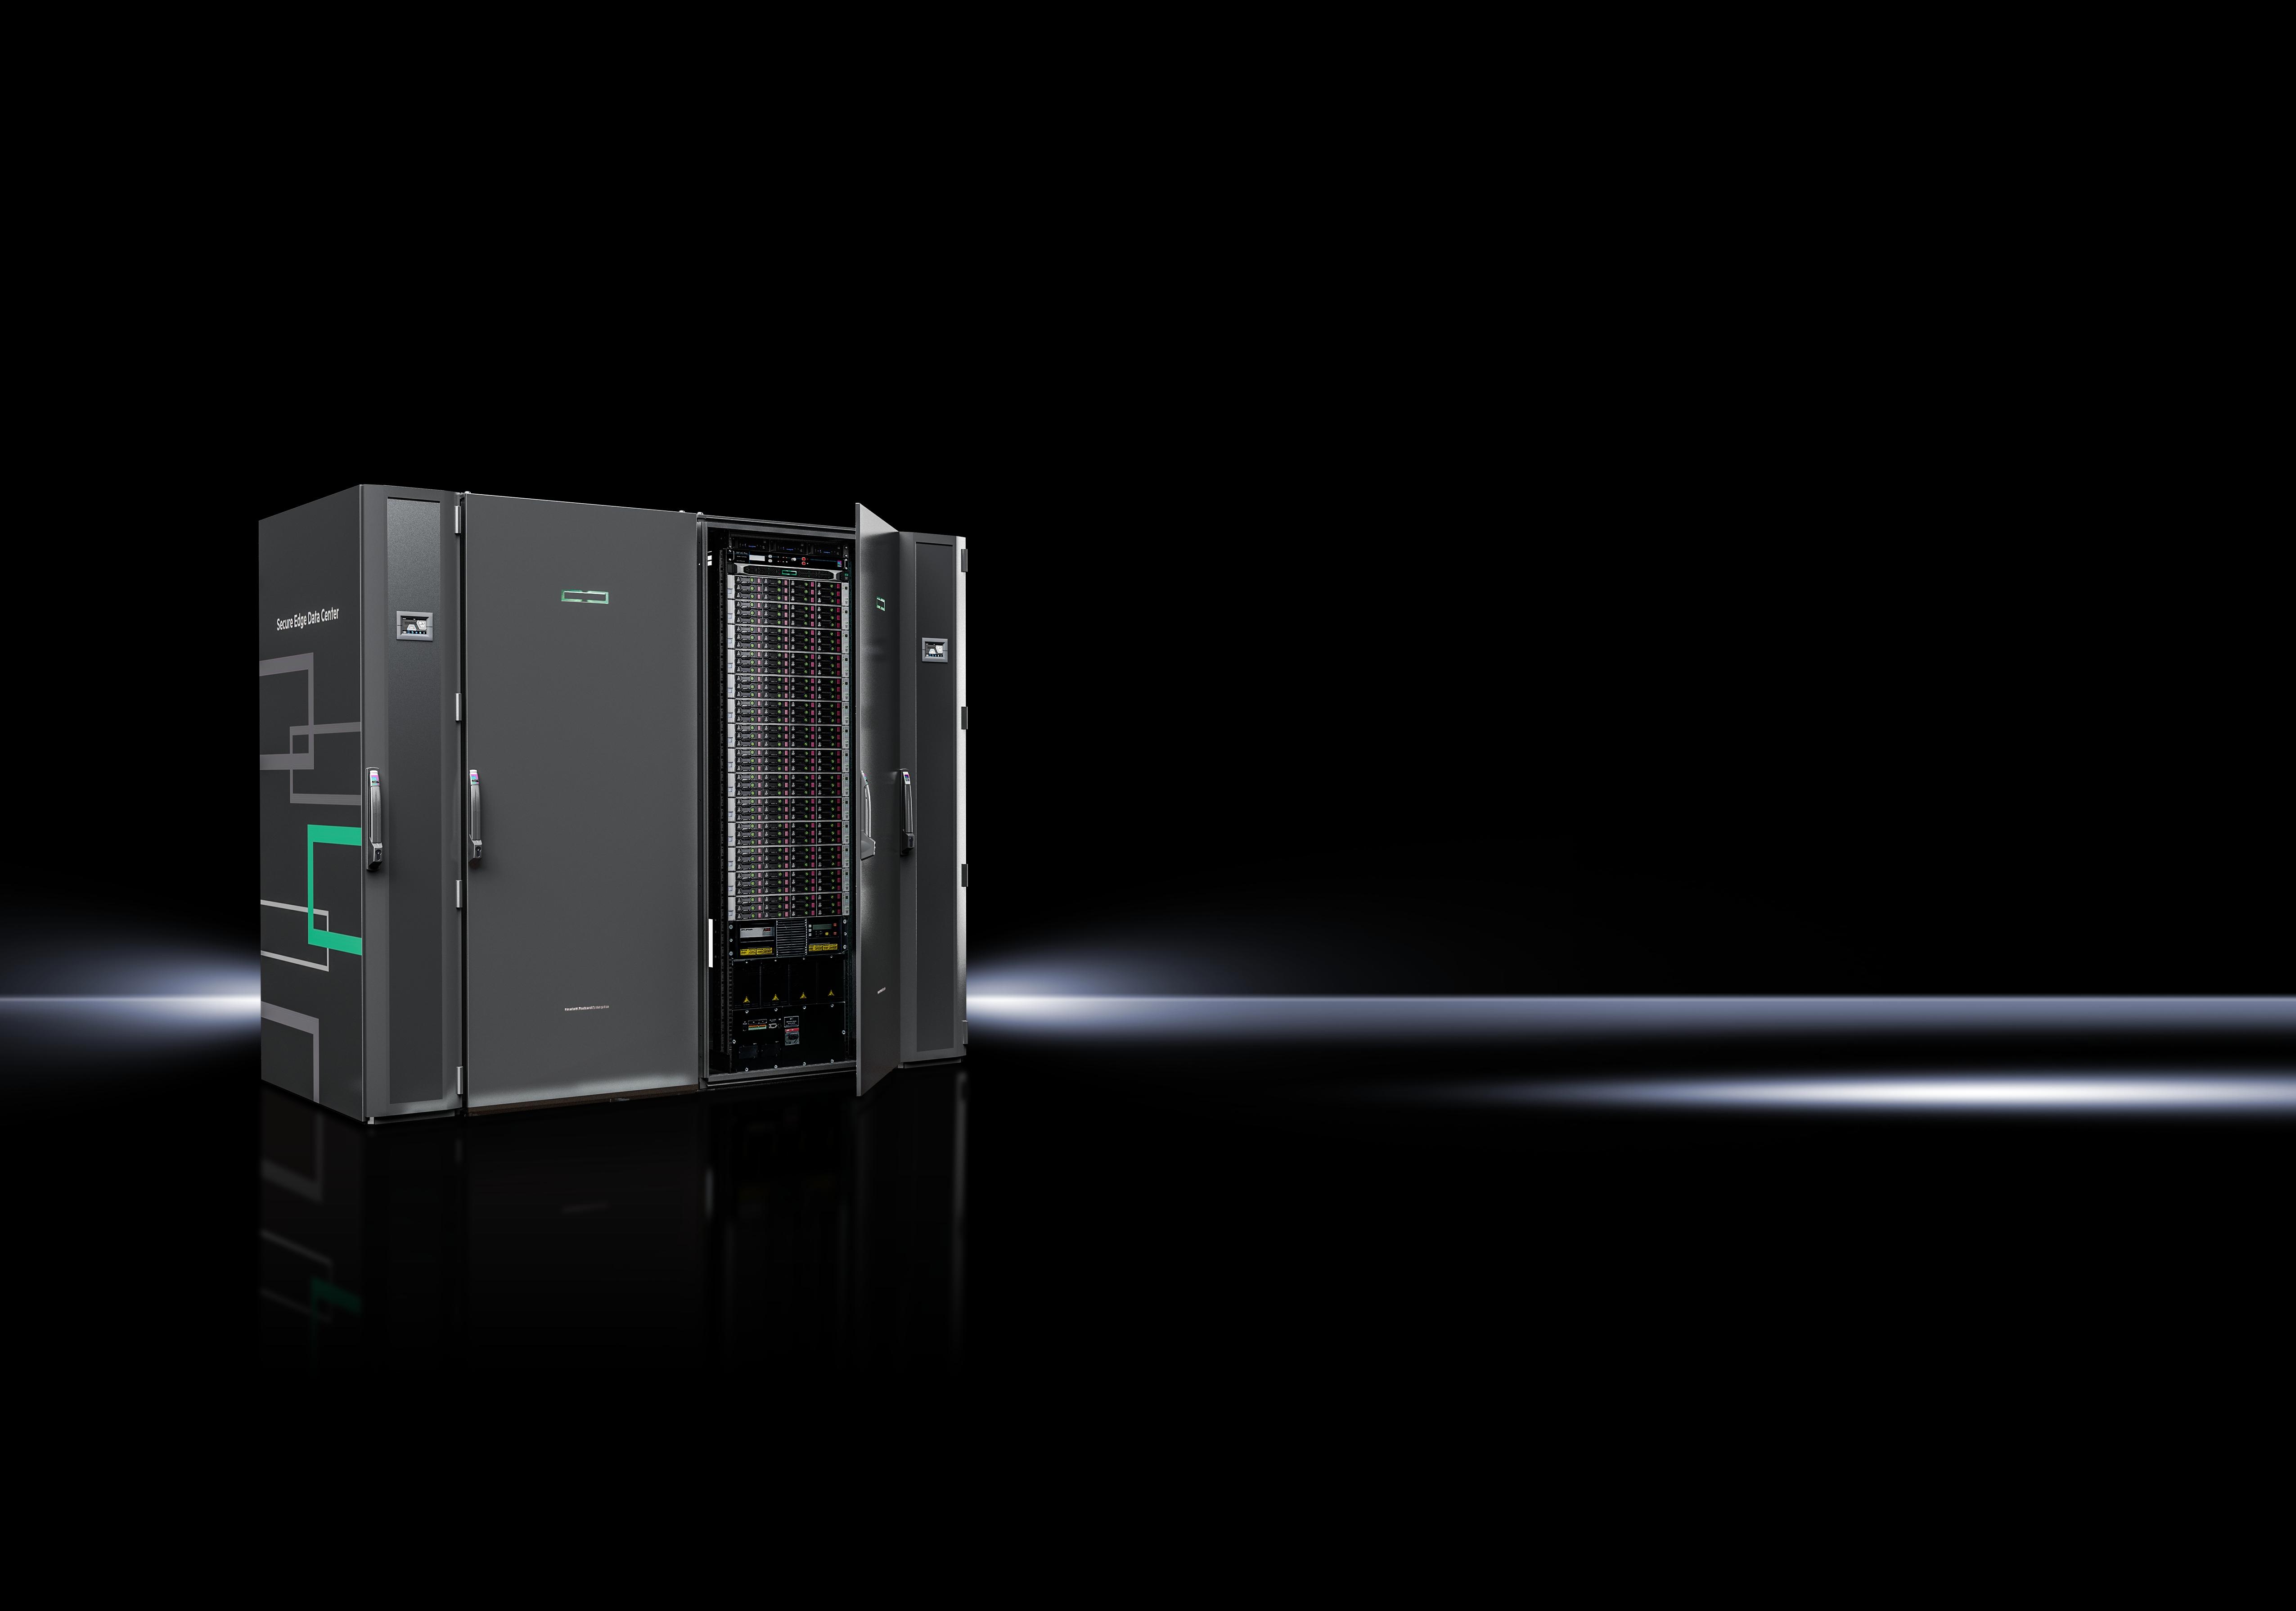 SEDC - Secure edge data center